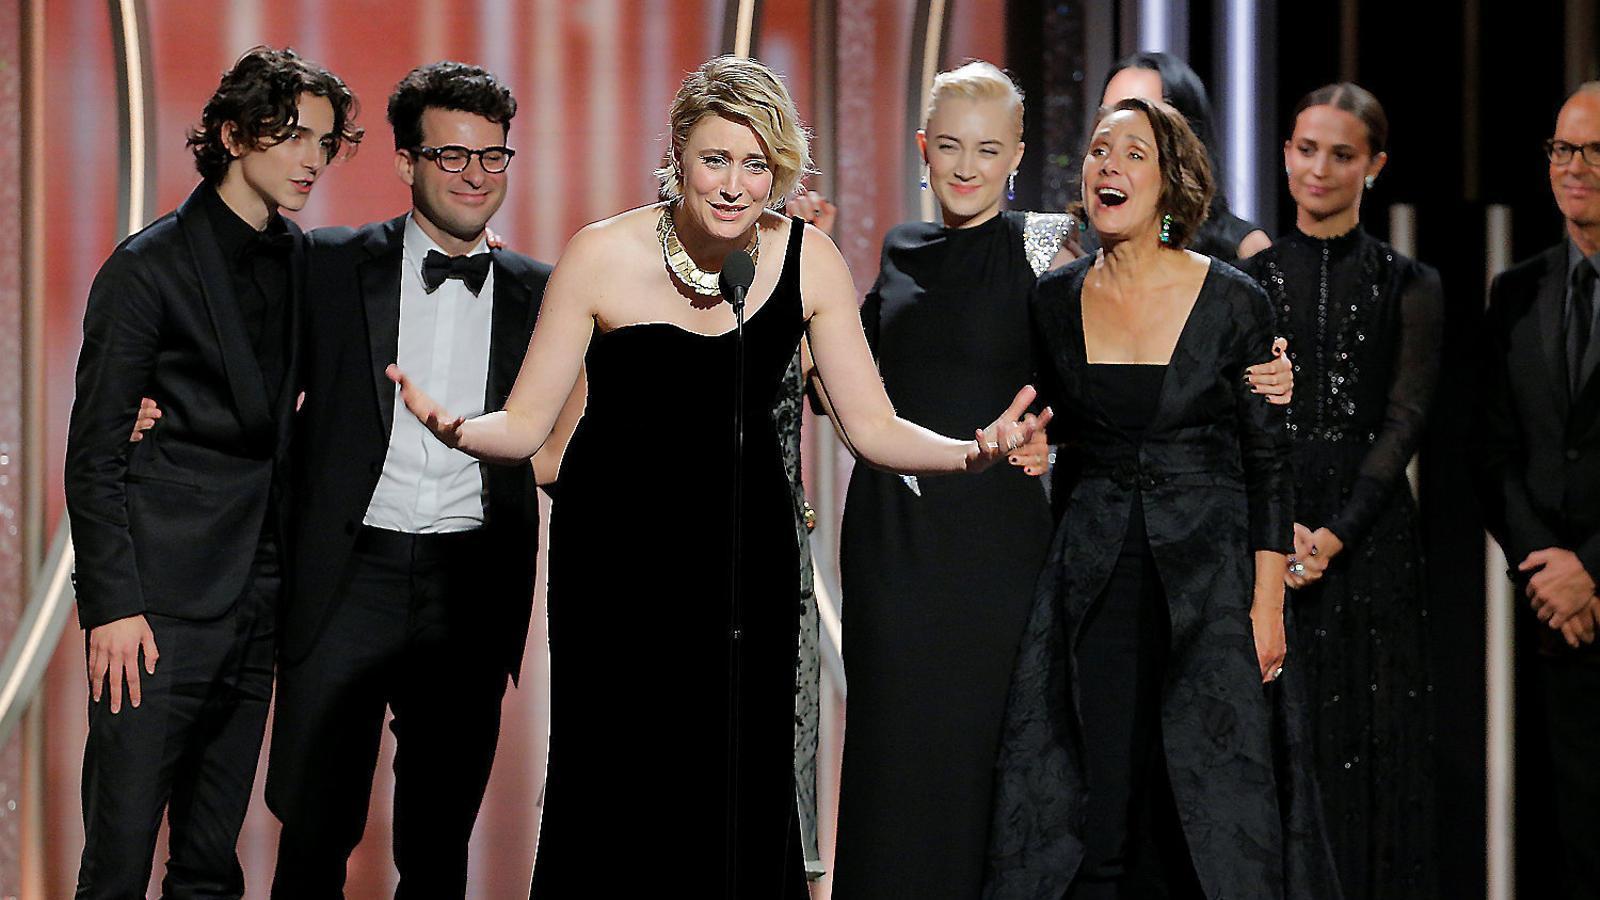 """Globus d'or 2018 """"Ja n'hi ha prou!"""": quan el feminisme importa més que el cinema"""